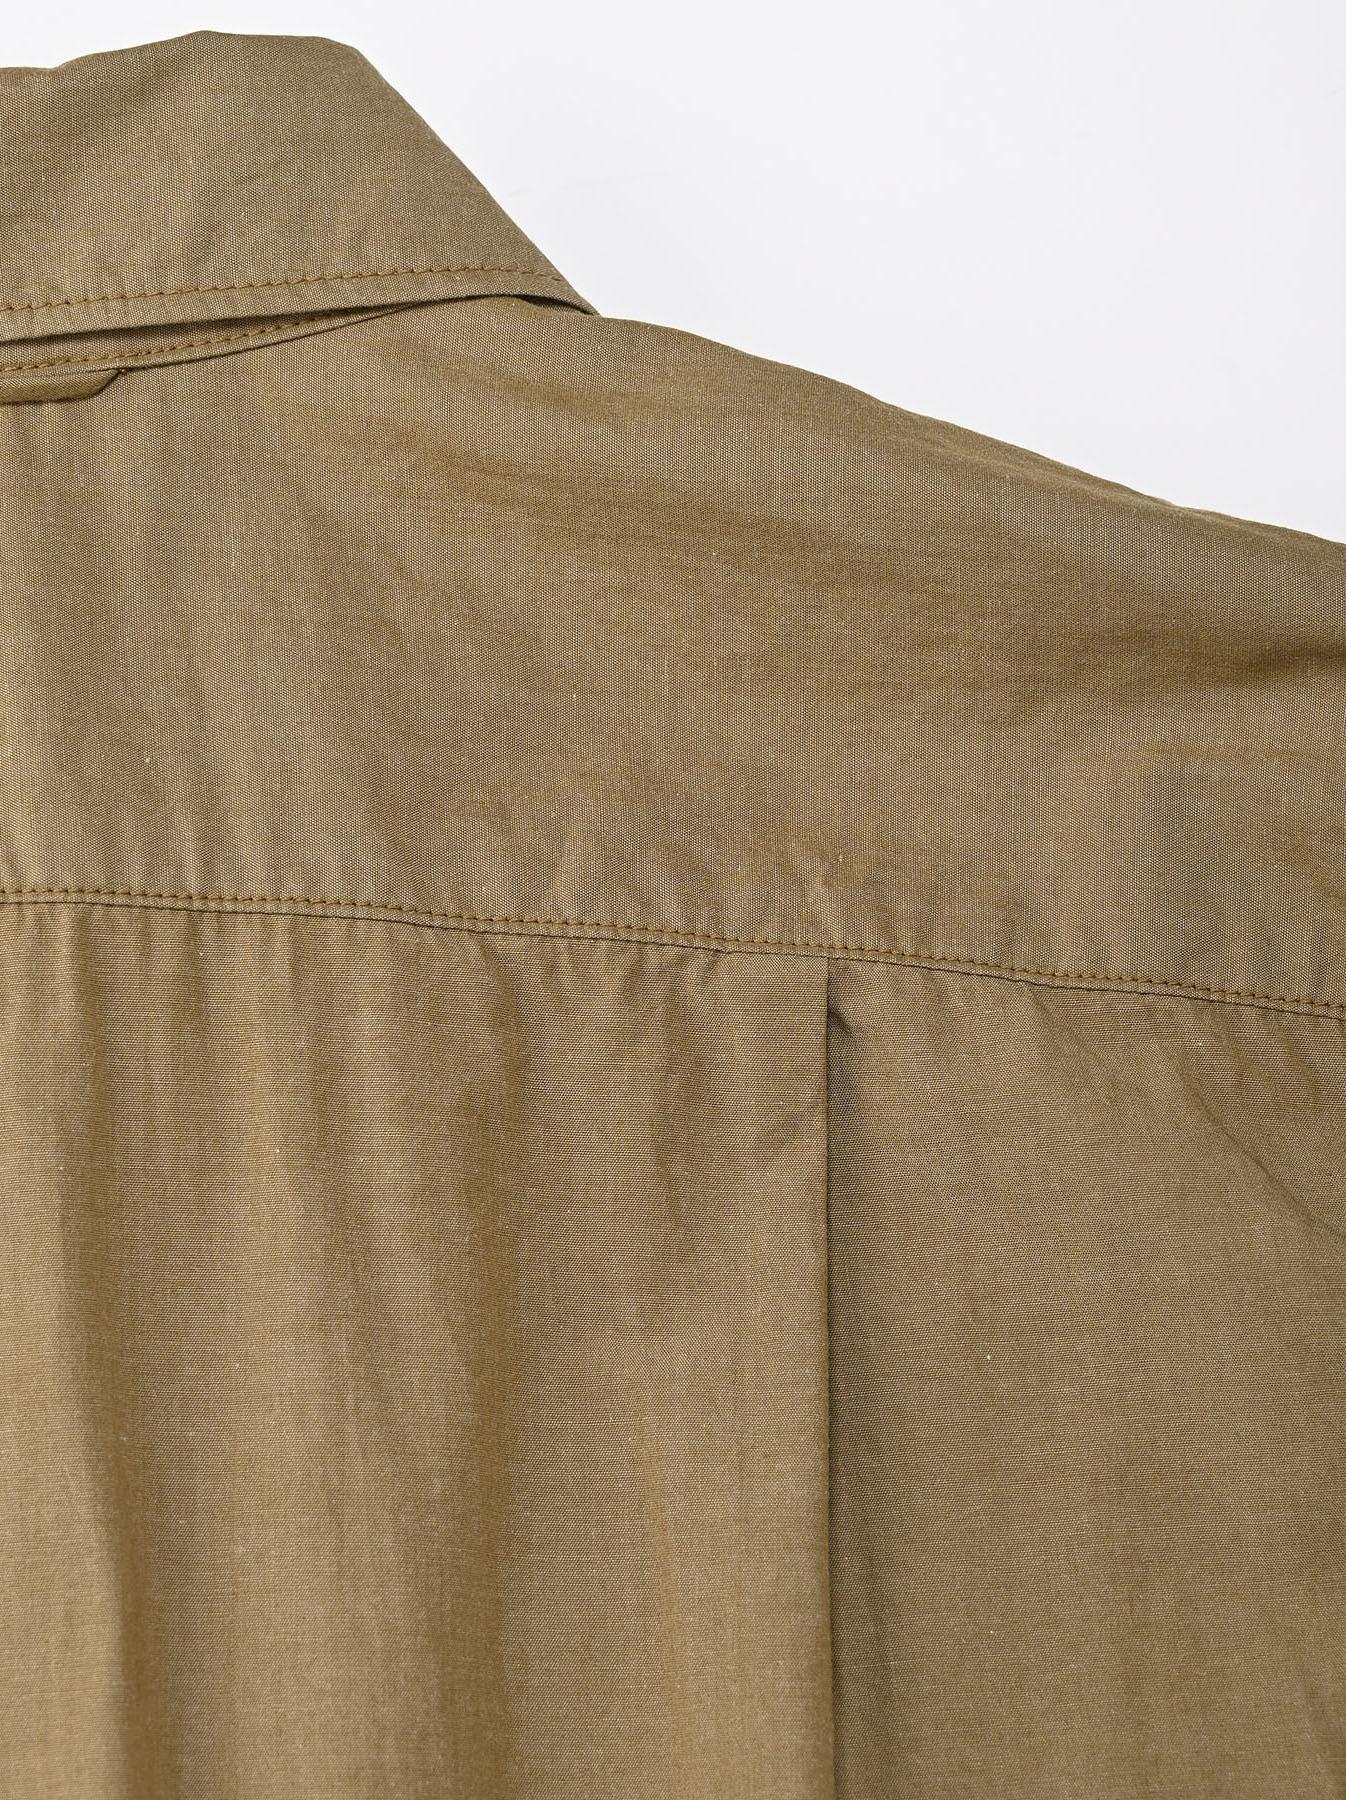 Dump Autumn-coloured Shirt Dress-10